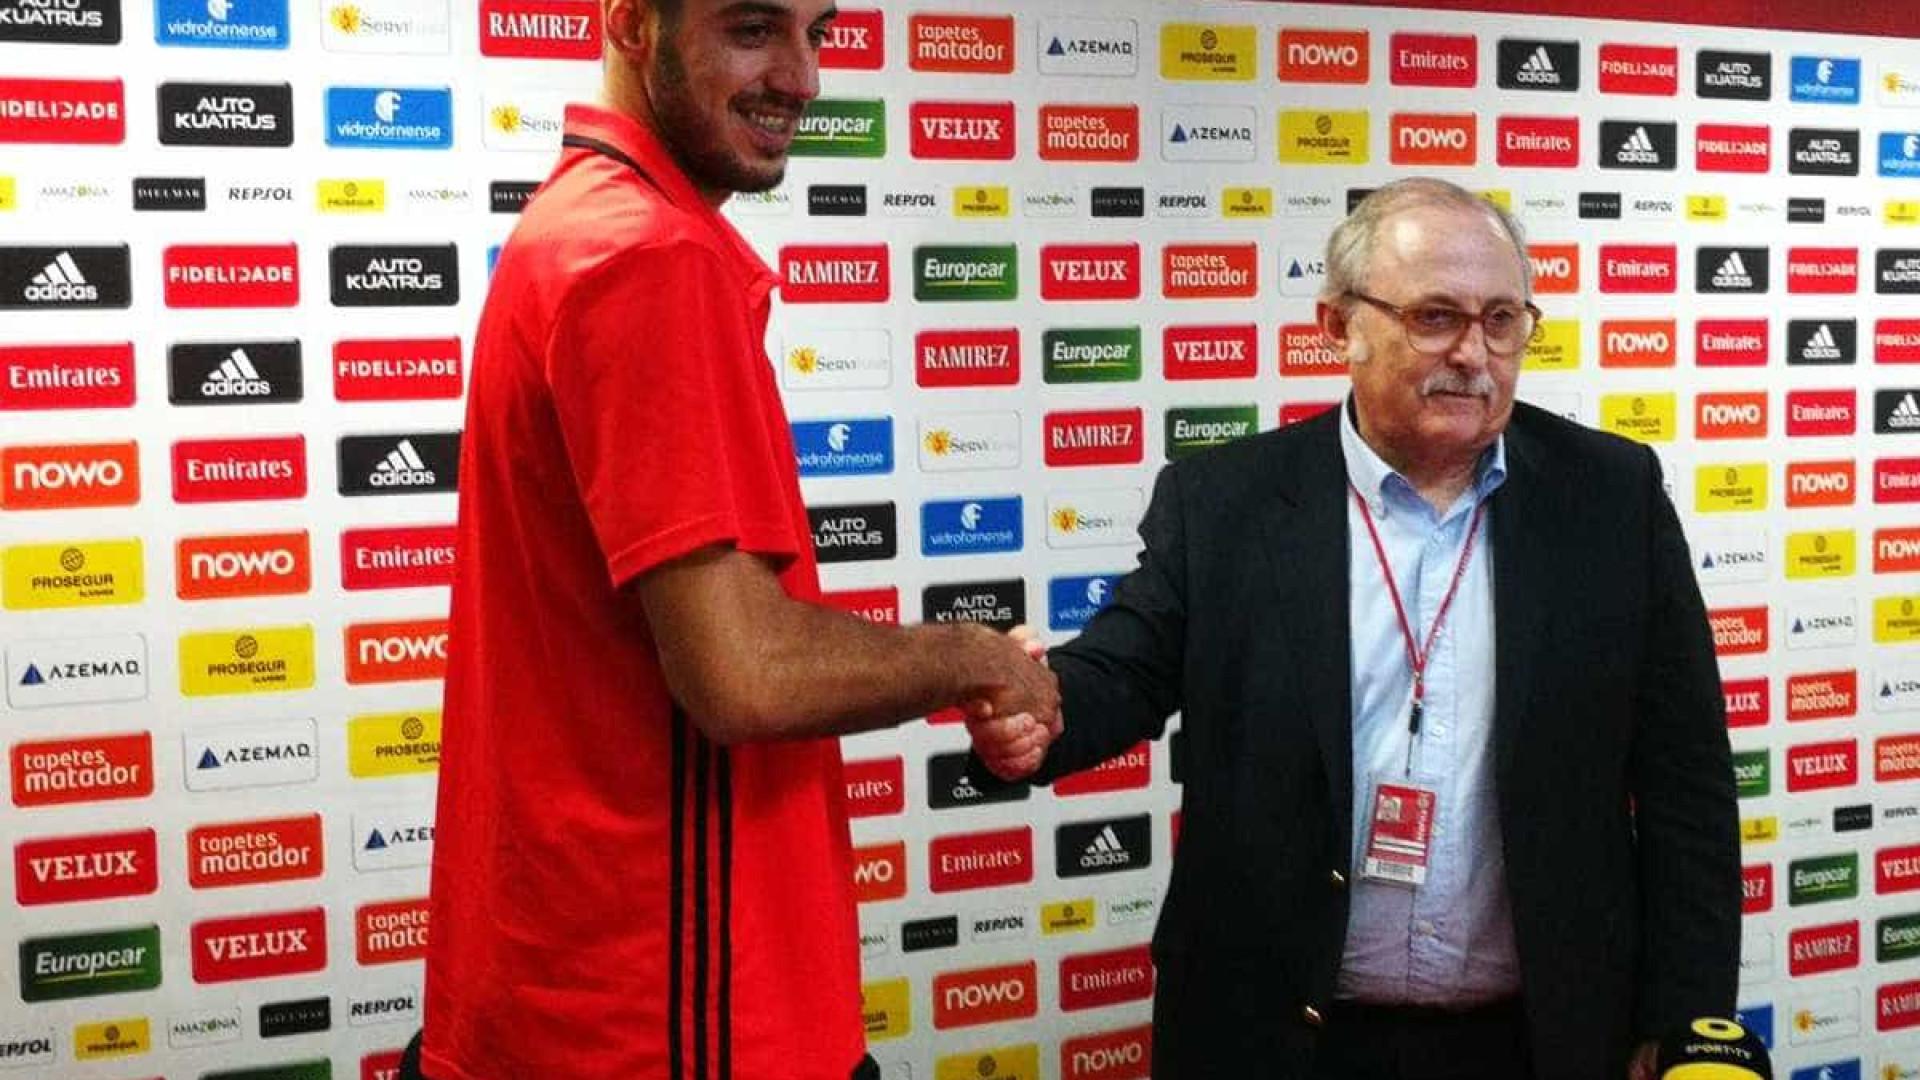 Basquetebol: José Silva troca o FC Porto pelo Benfica